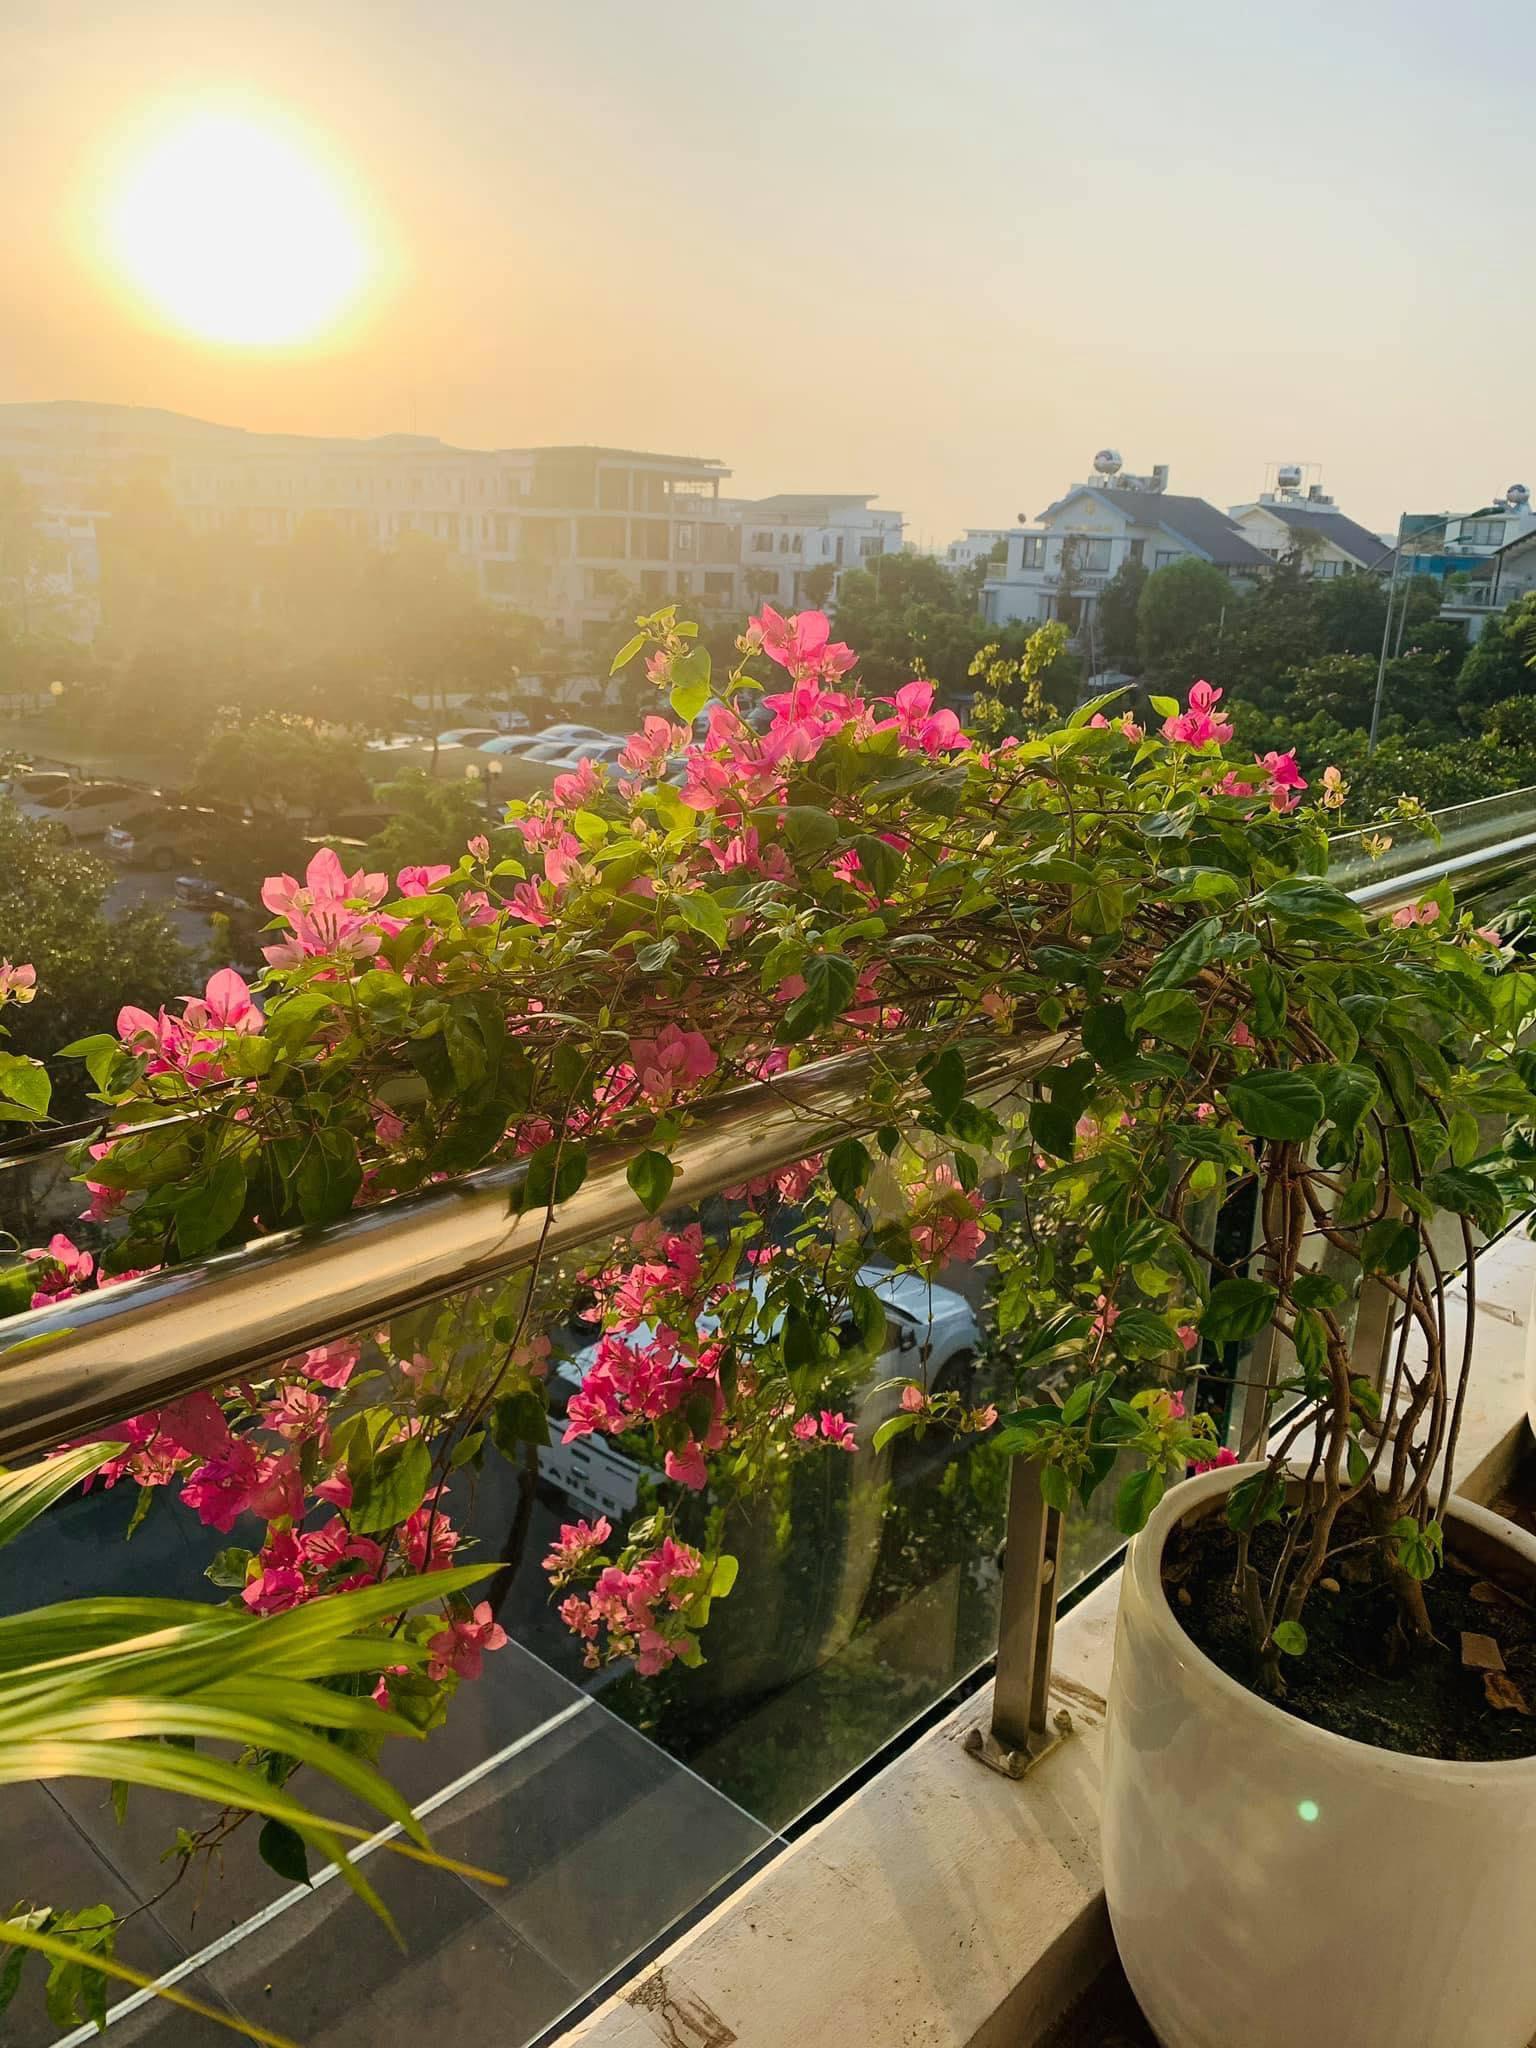 Ngôi nhà quanh năm rực rỡ sắc hương hoa hồng và đủ loại cây ăn quả ở Hà Nội - Ảnh 16.